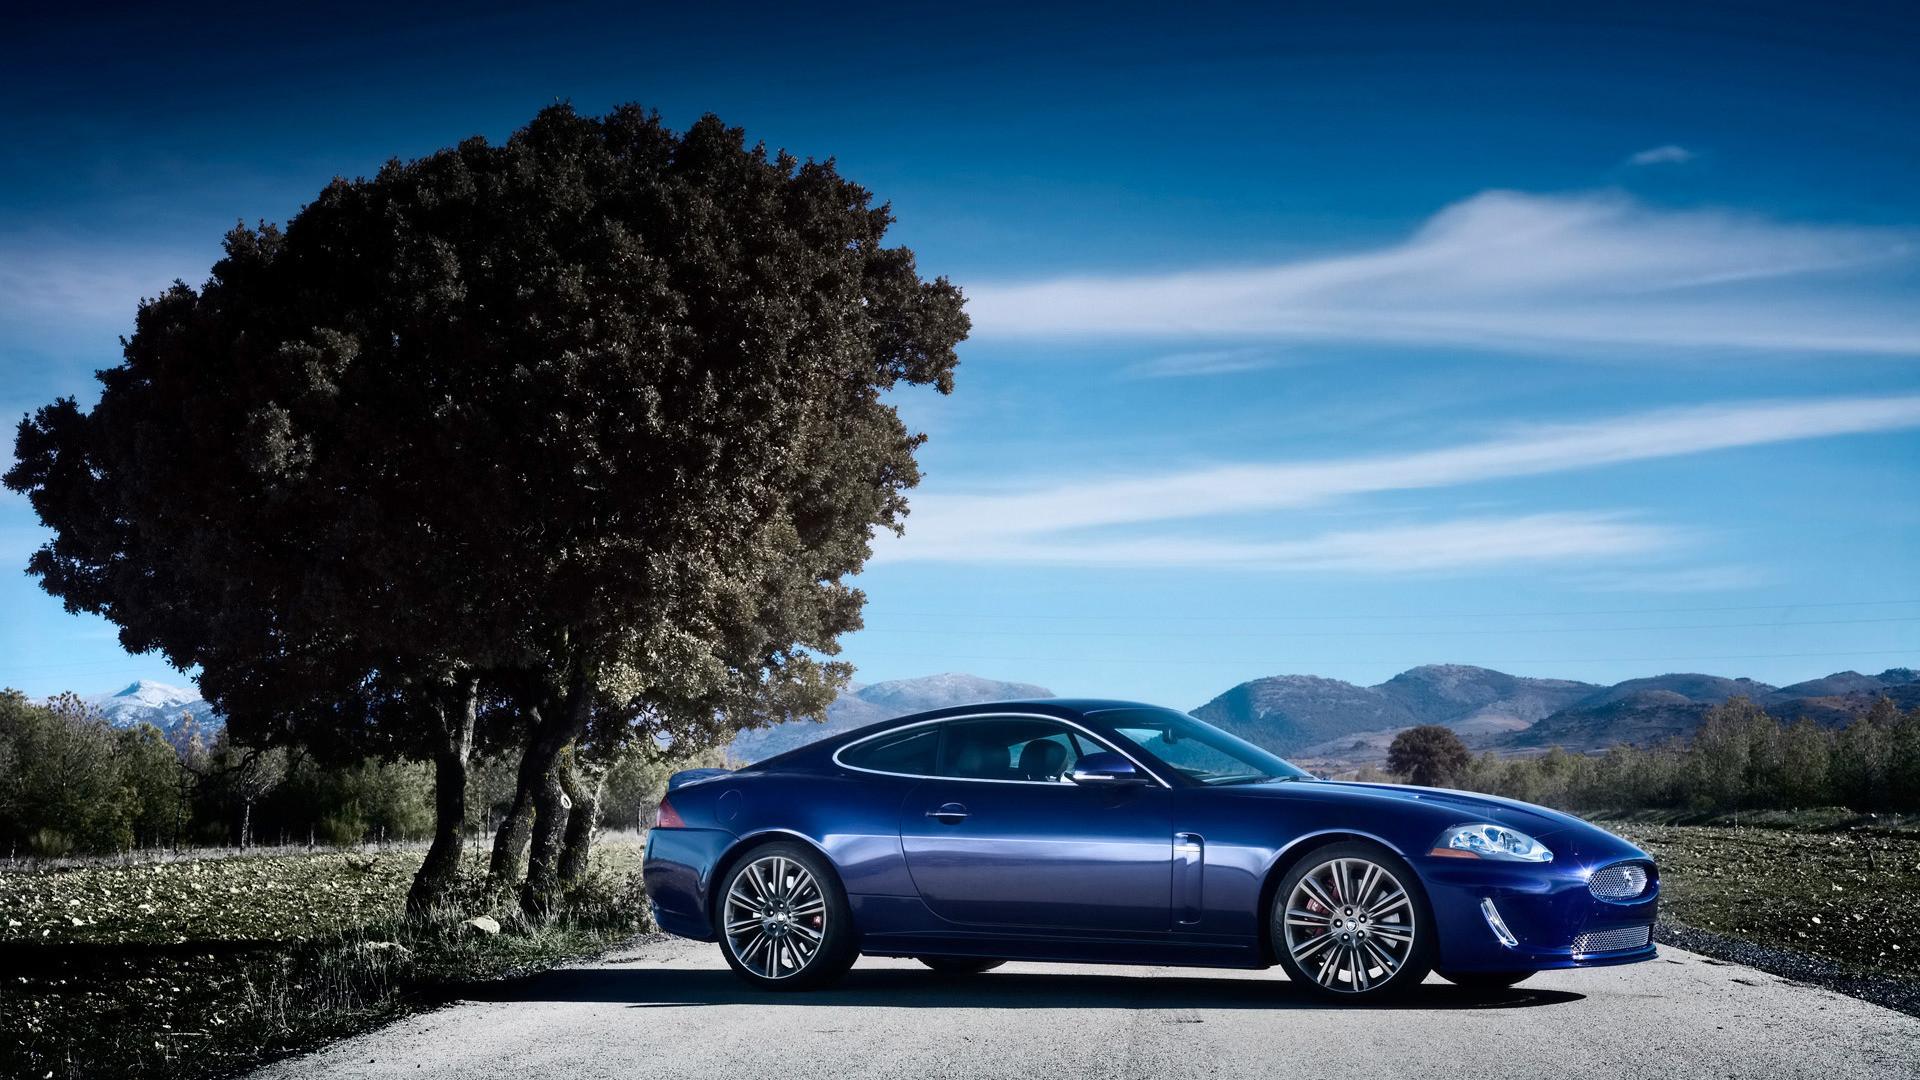 Jaguar Car Images …